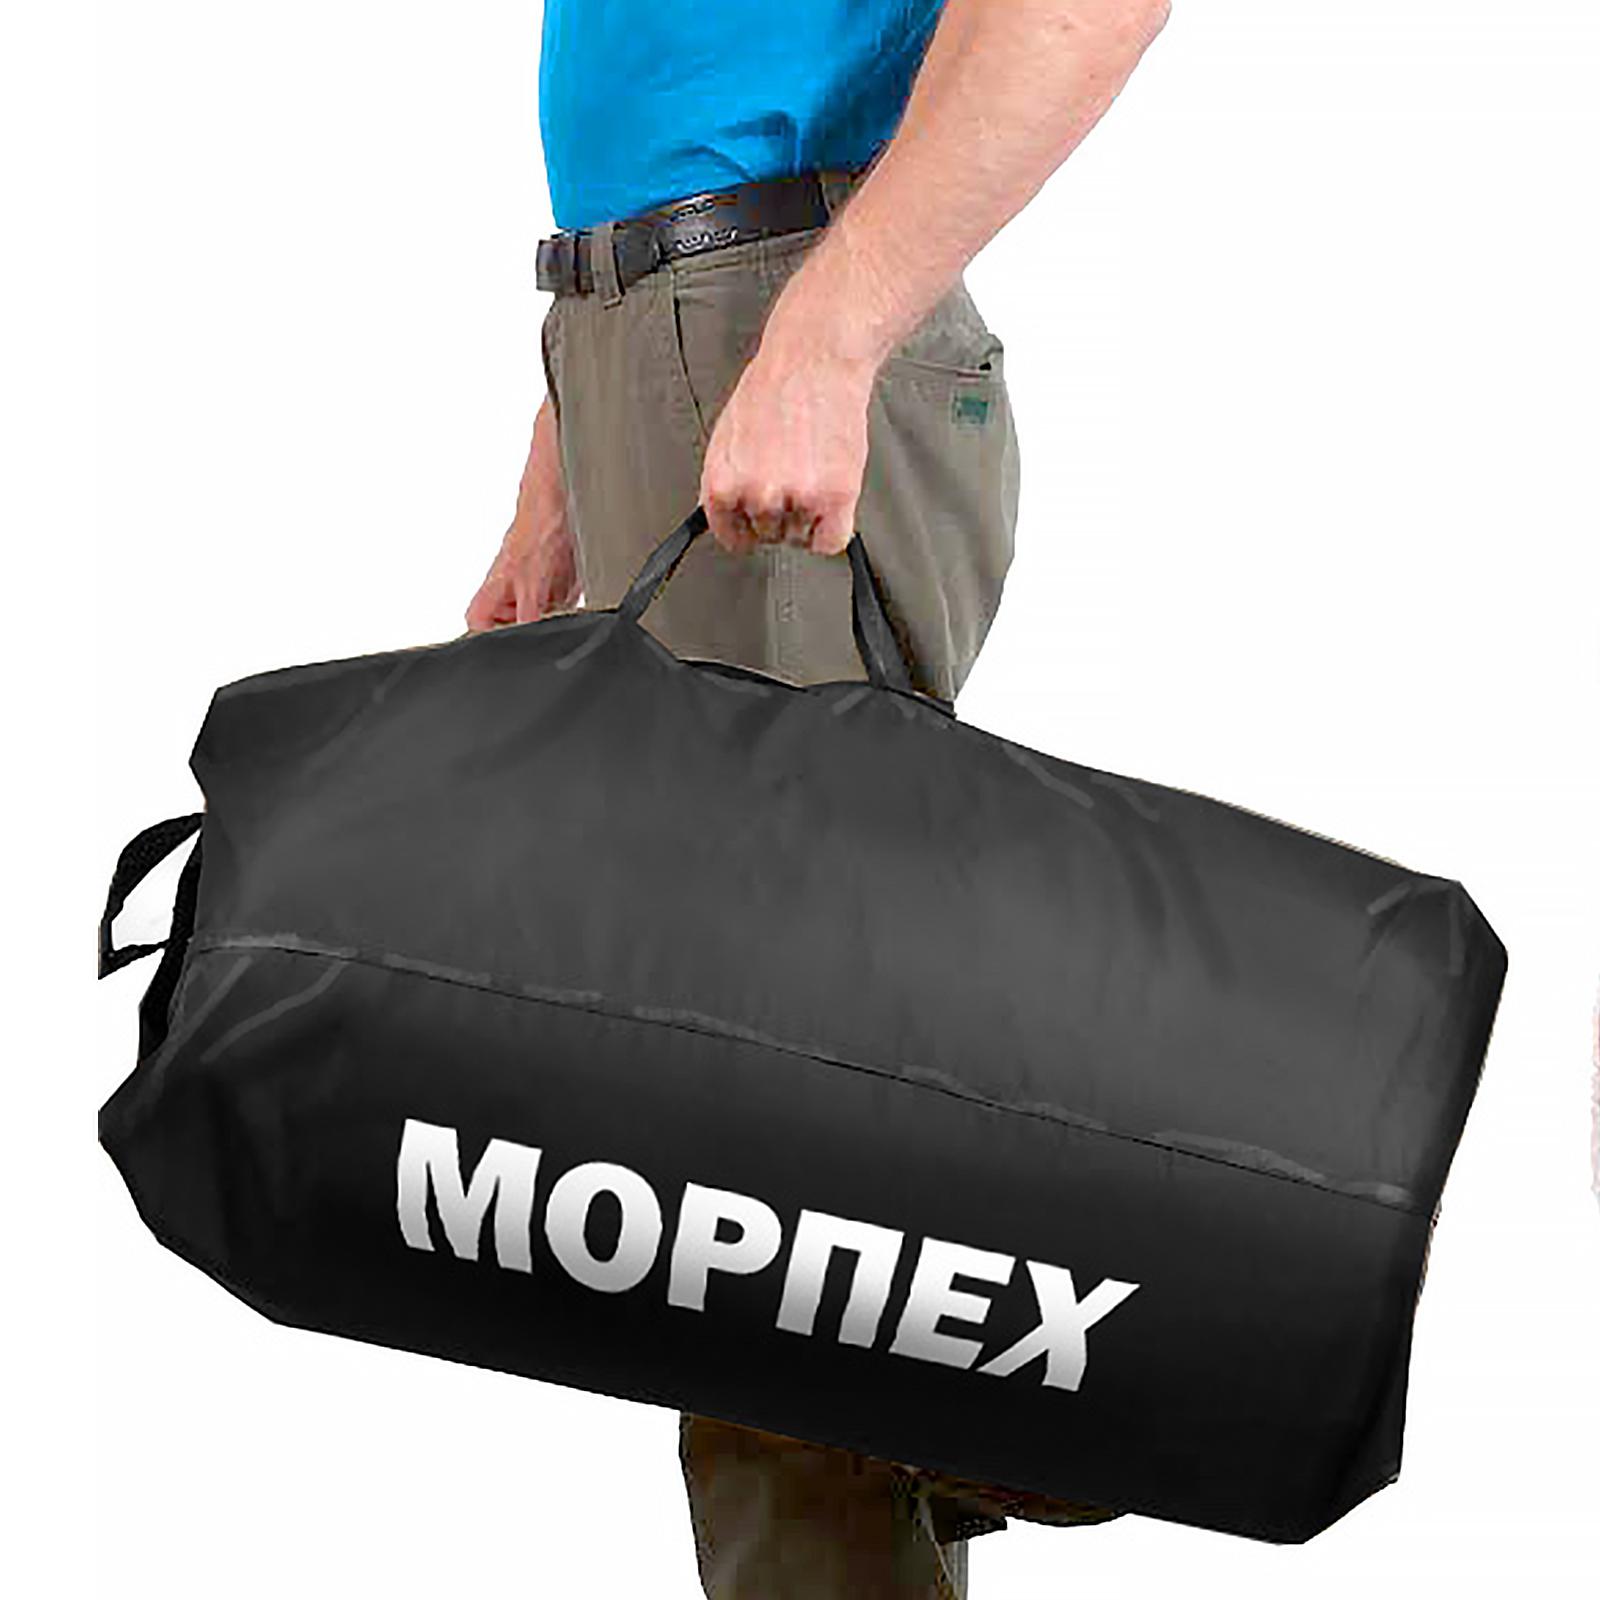 Черный вещмешок Морпеха по лучшей цене